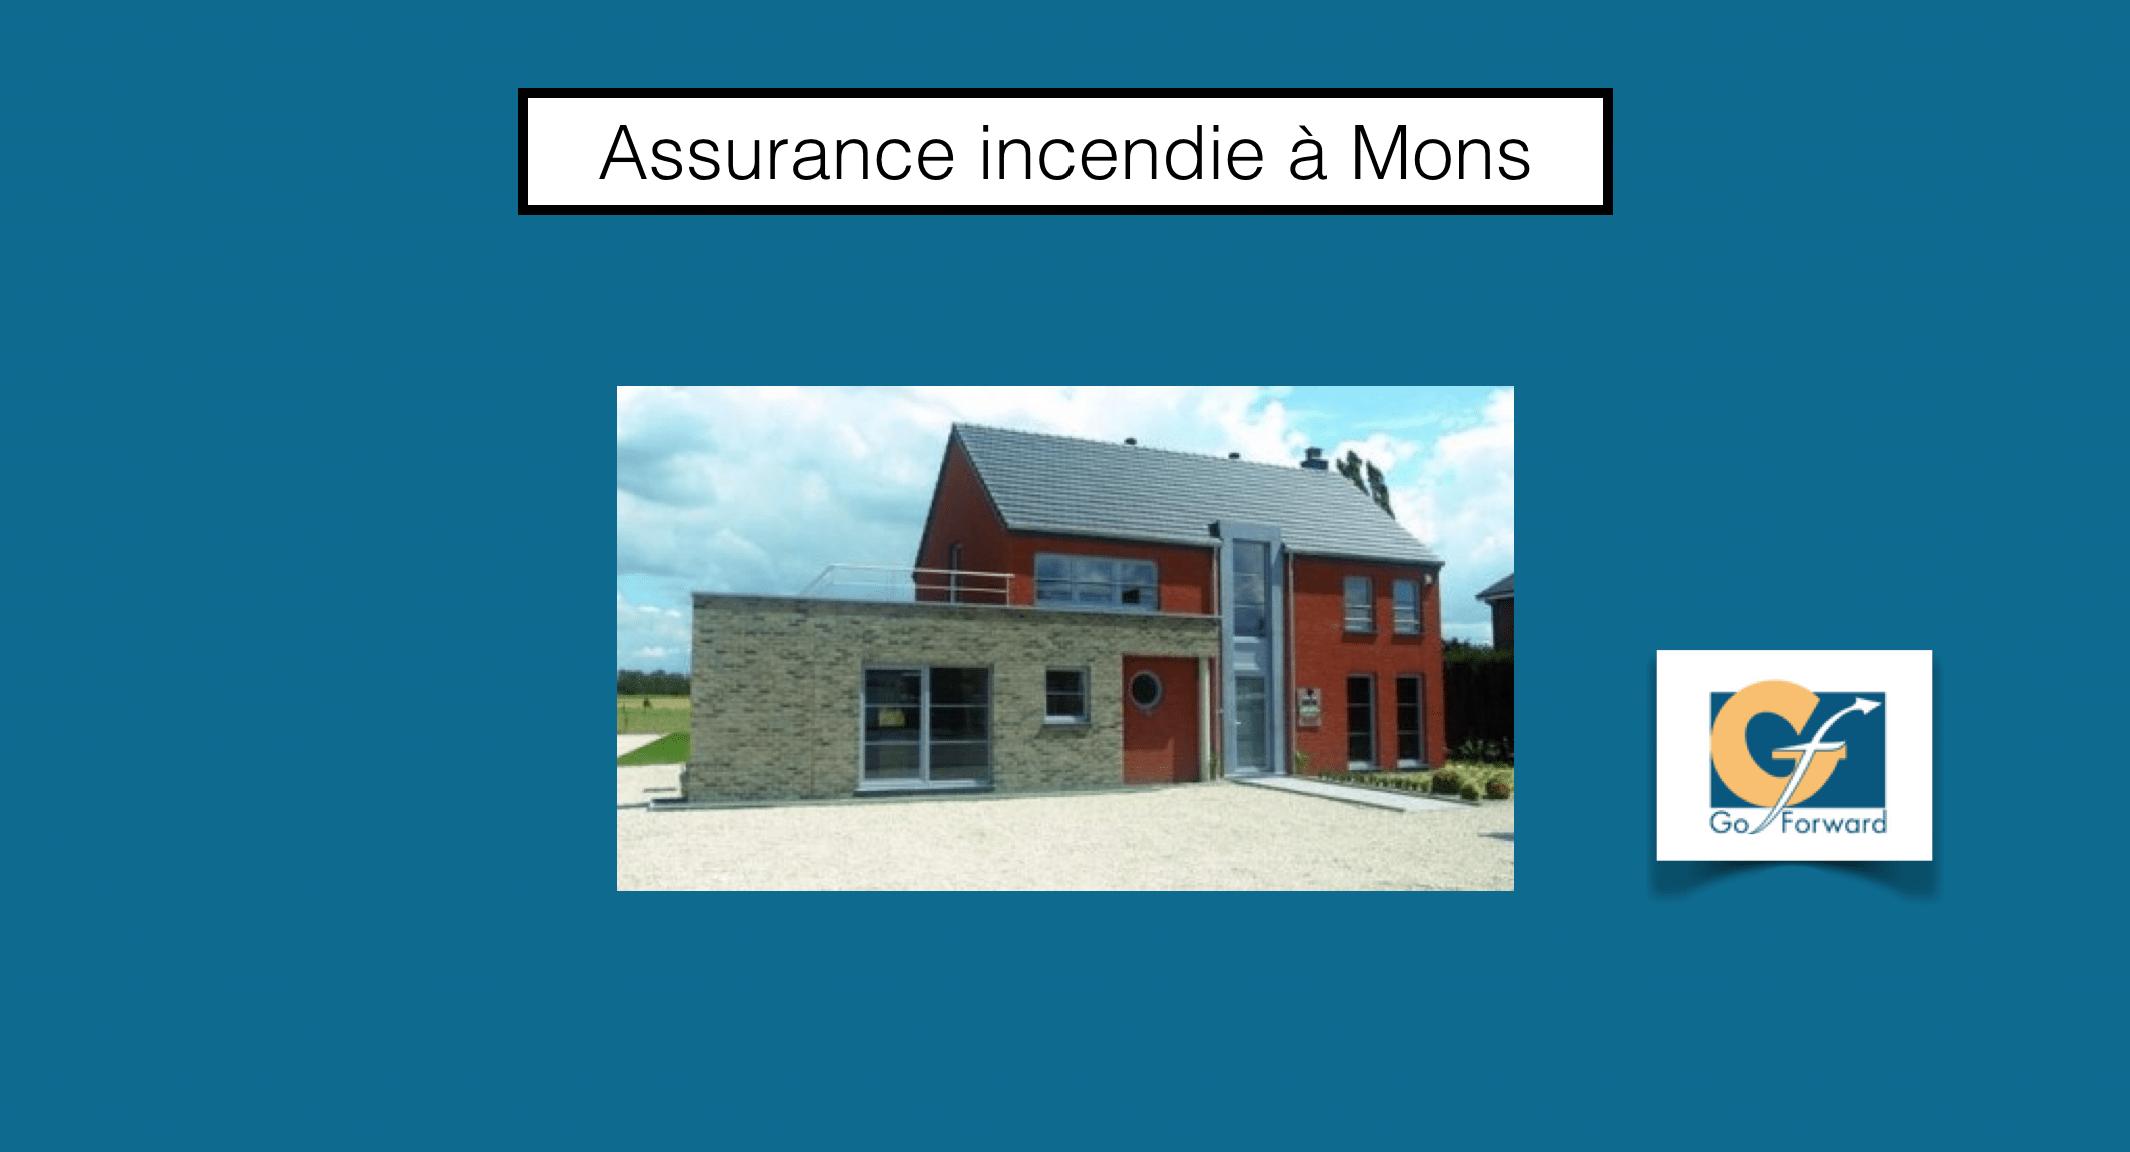 Assurance habitation incendie mons go forward for Assurance incendie maison